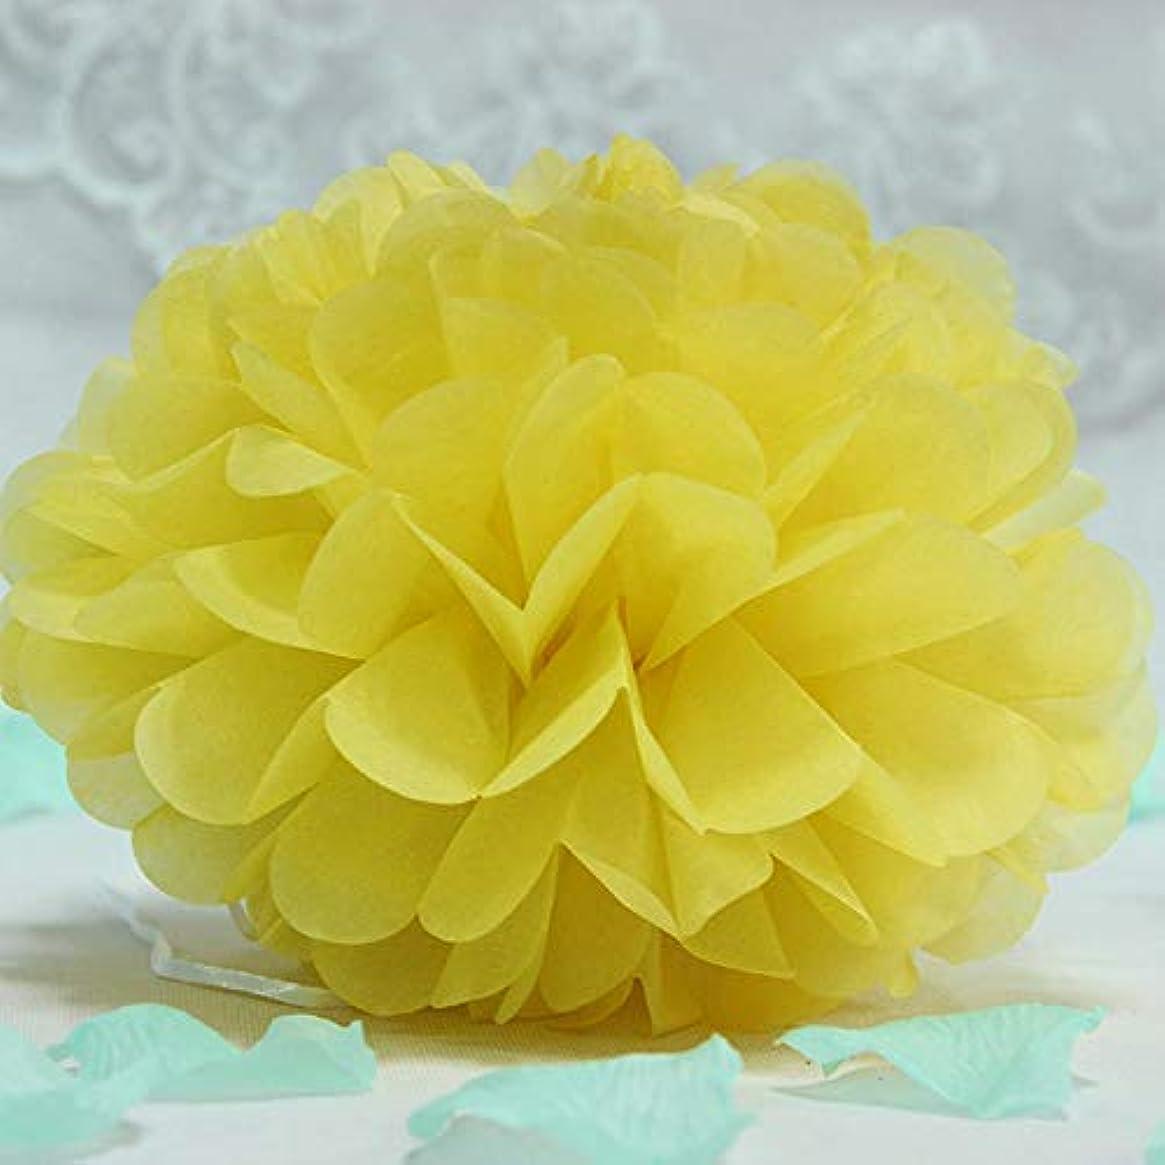 静める比率アトミックAnnacboy 1ピースポンポンティッシュペーパーポンポンPOMSフラワーボールウェディングルームの装飾ベビーシャワーBithdayパーティーのためにDIYペーパークラフト用品 (Color : Lemon yellow, Size : 8inch 20cm)